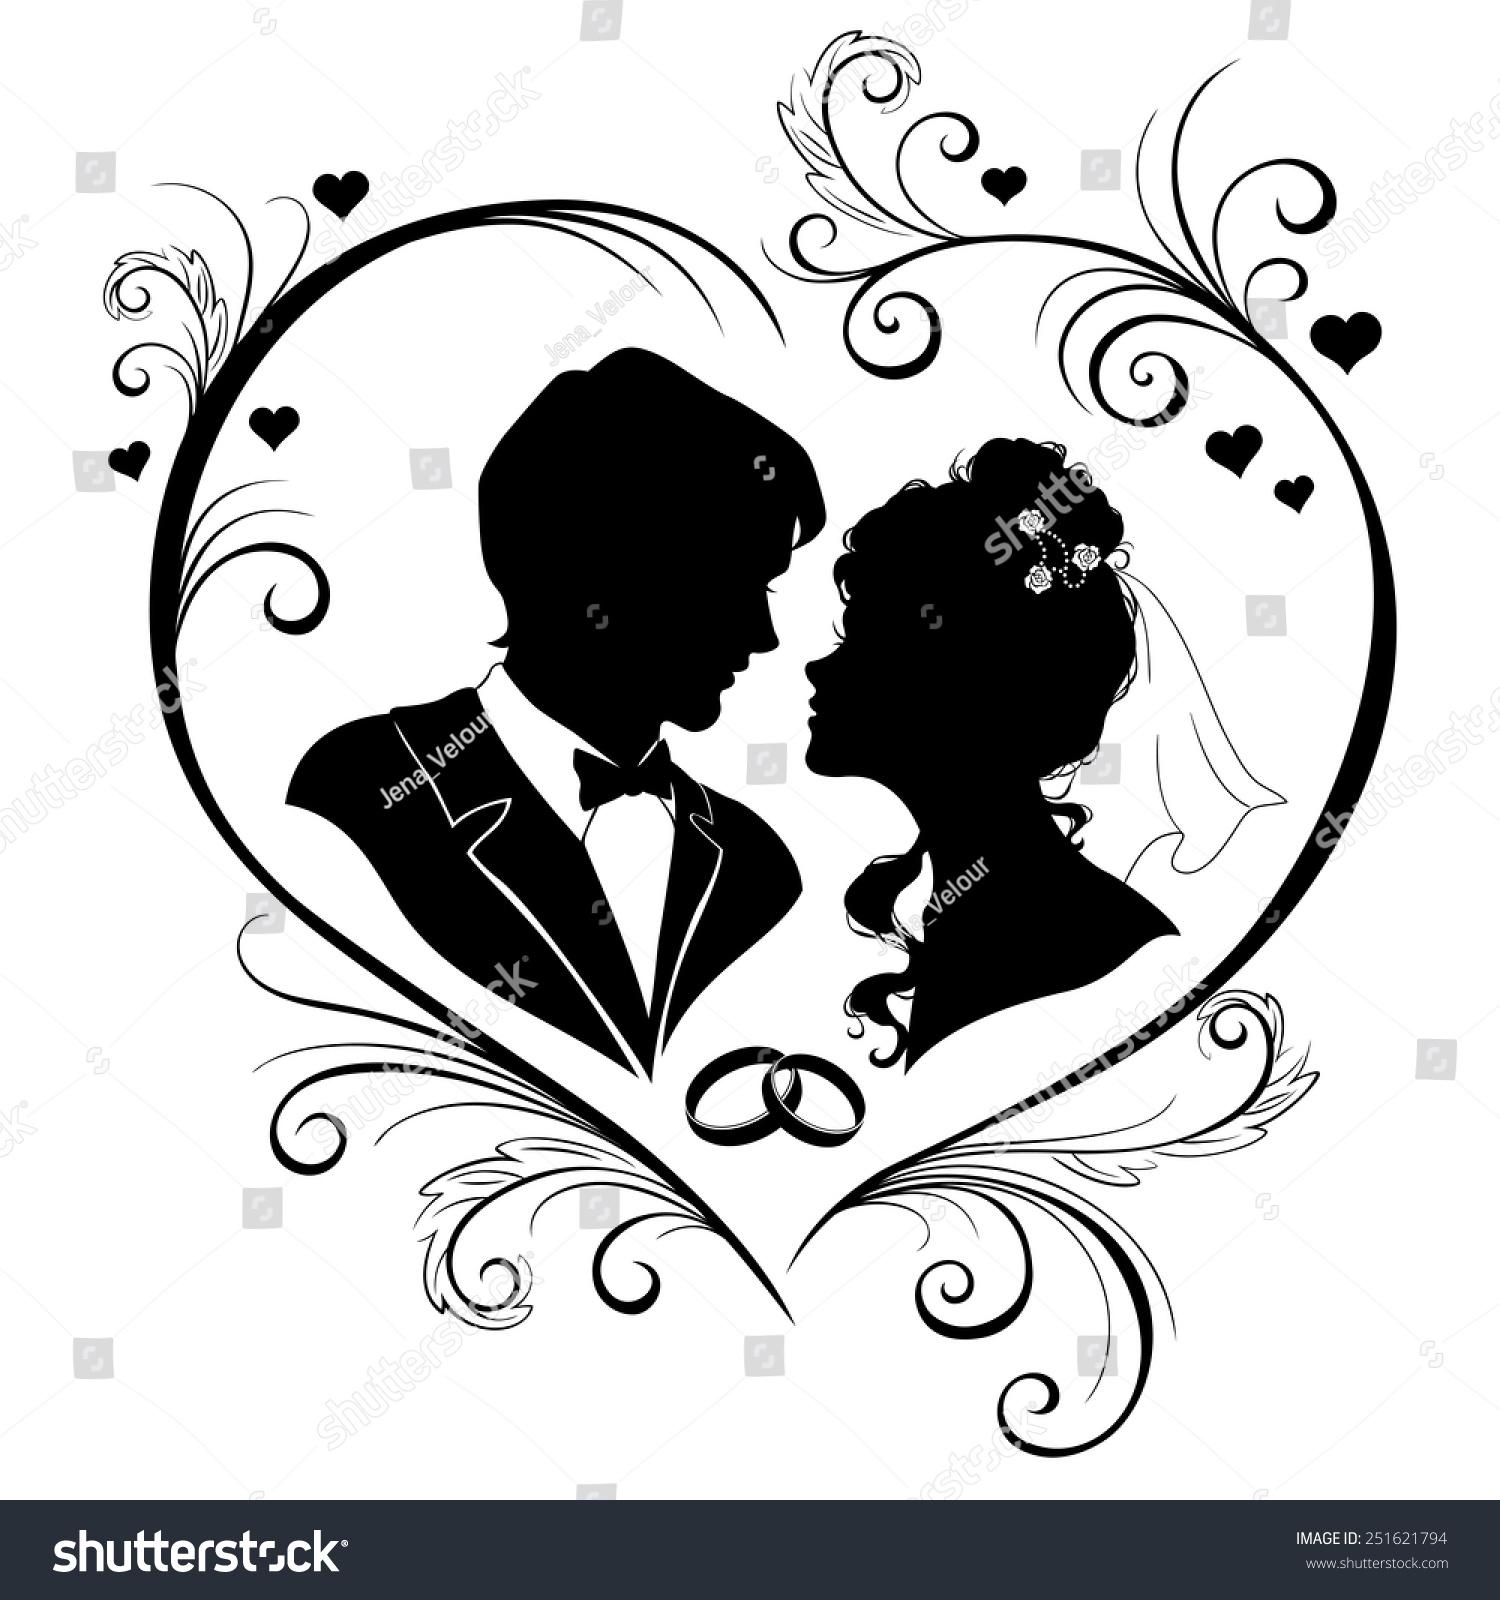 Black x taucht bei christian dating kostenlos auf